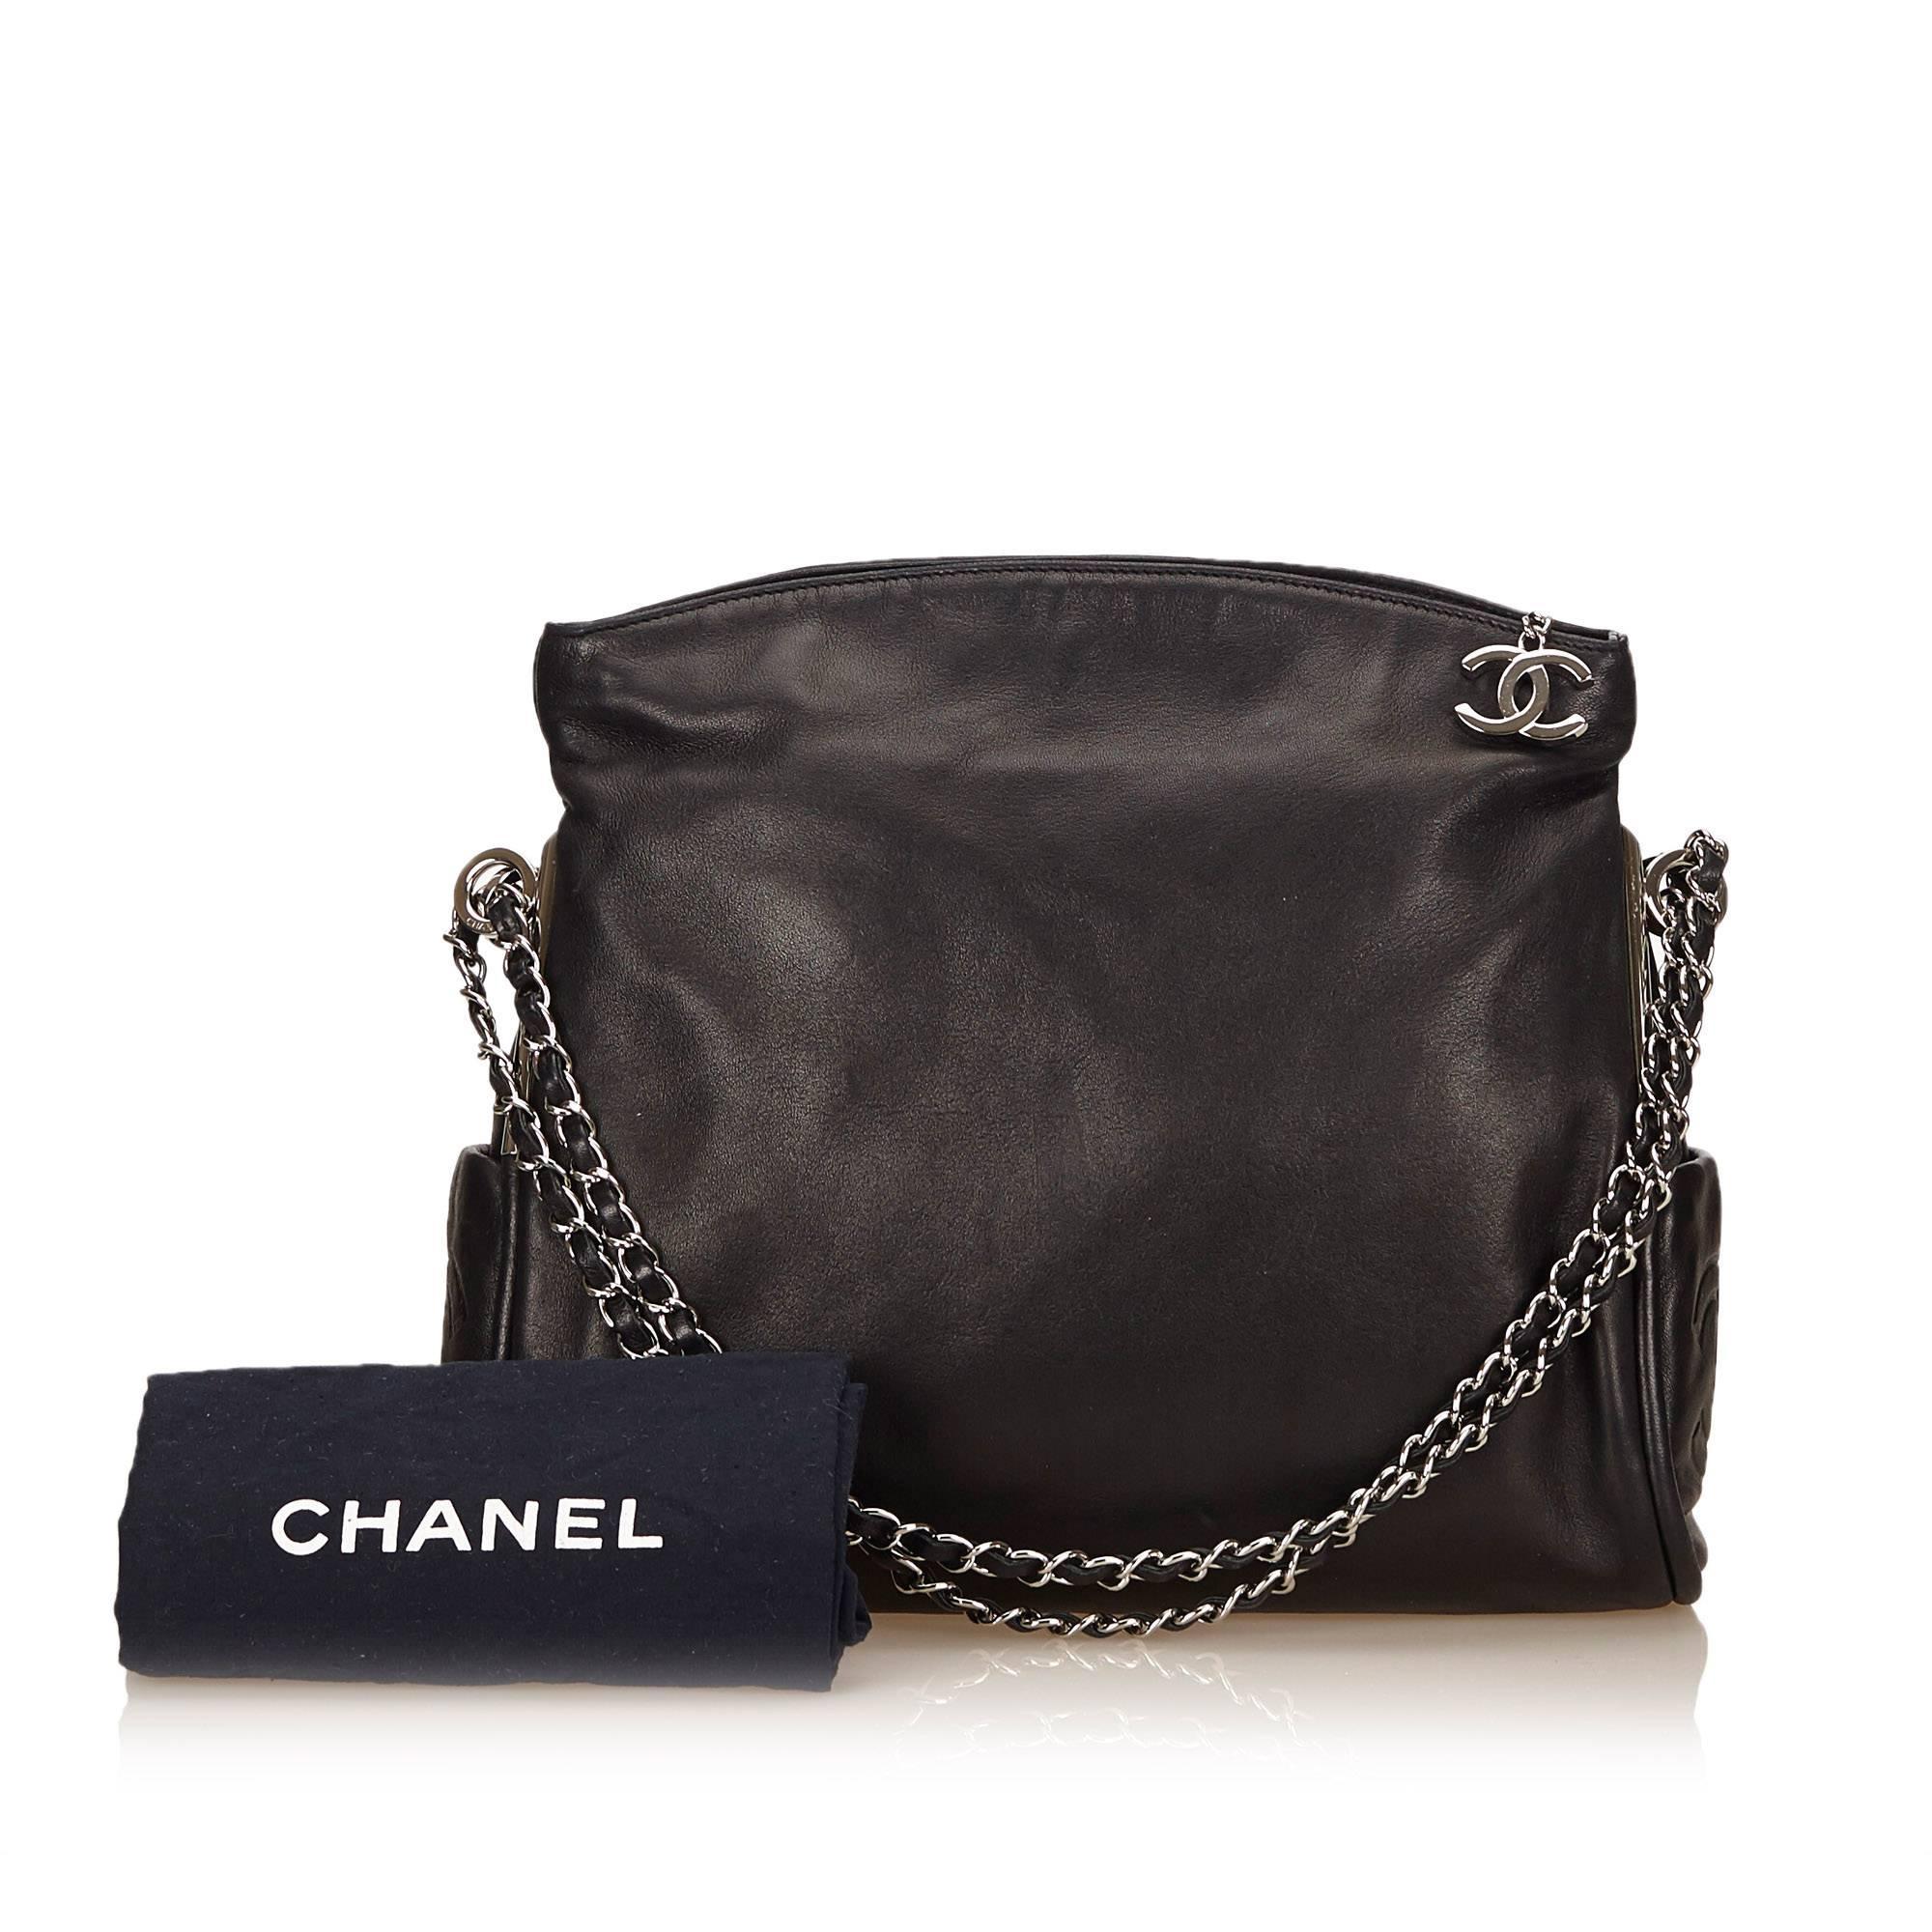 b23912f7e4c9 Chanel Black Lambskin Leather Fold Over Shoulder Bag For Sale at 1stdibs